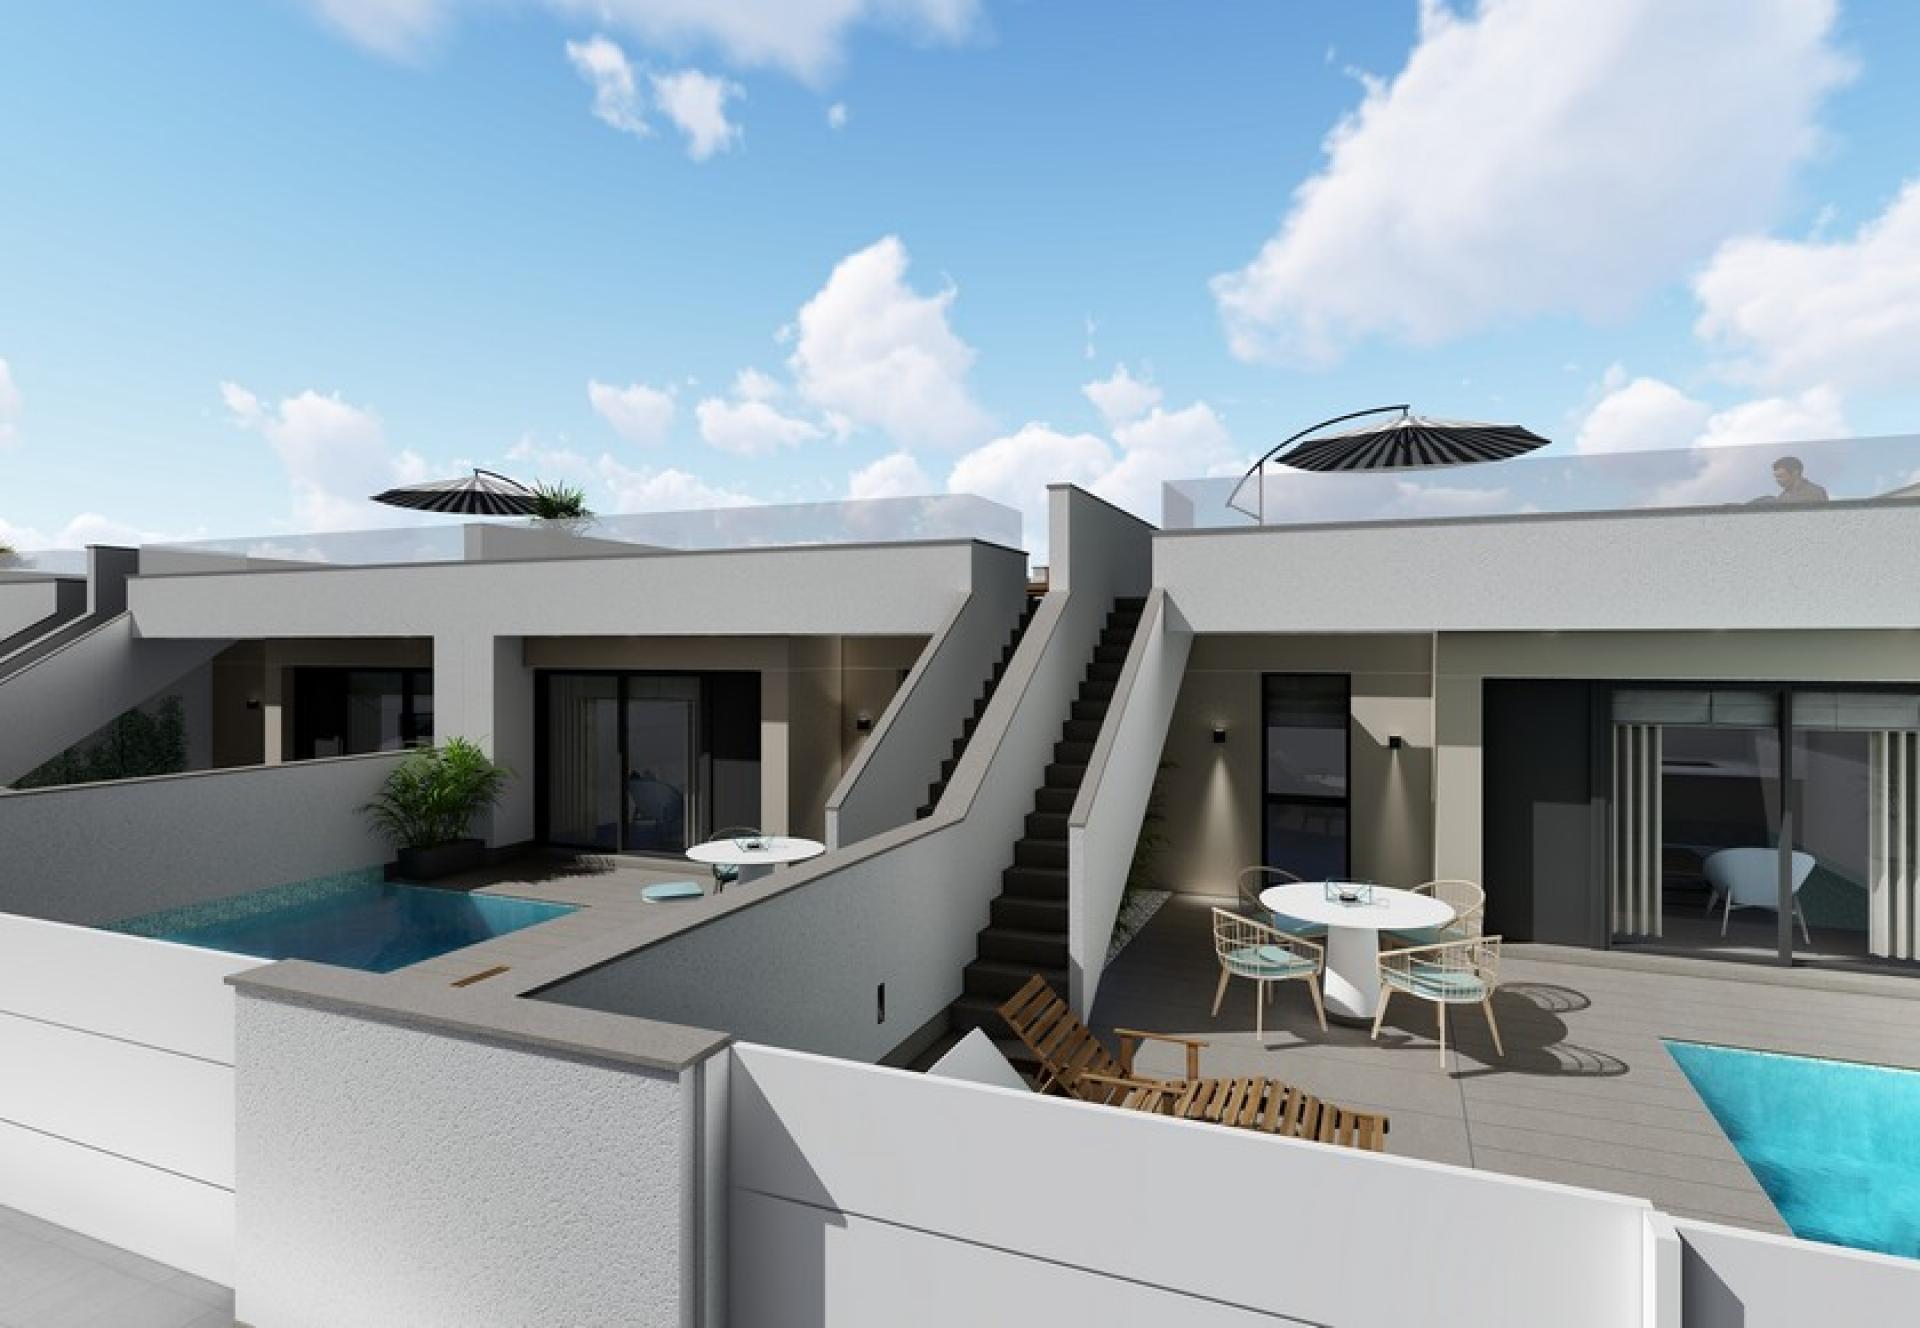 Gelijkvloerse villa met solarium te koop Pilar de la Horadada in Medvilla Spanje